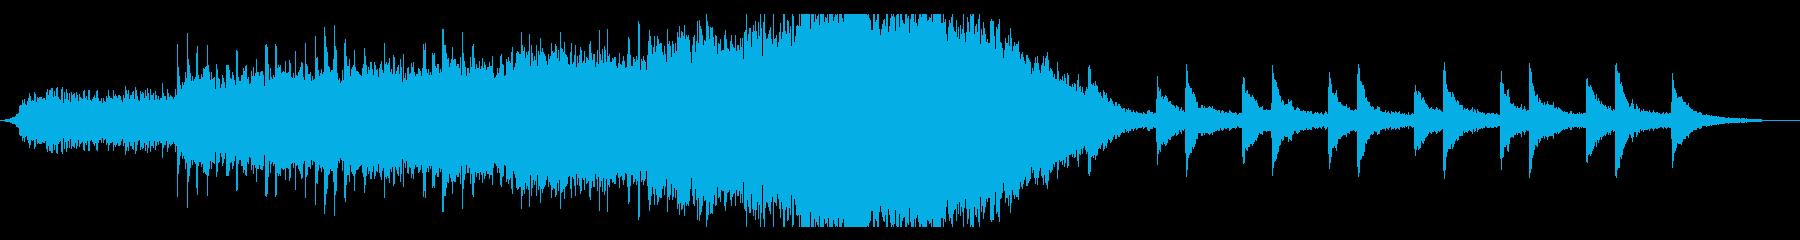 ファンタジックで感動的なオーケストラの再生済みの波形